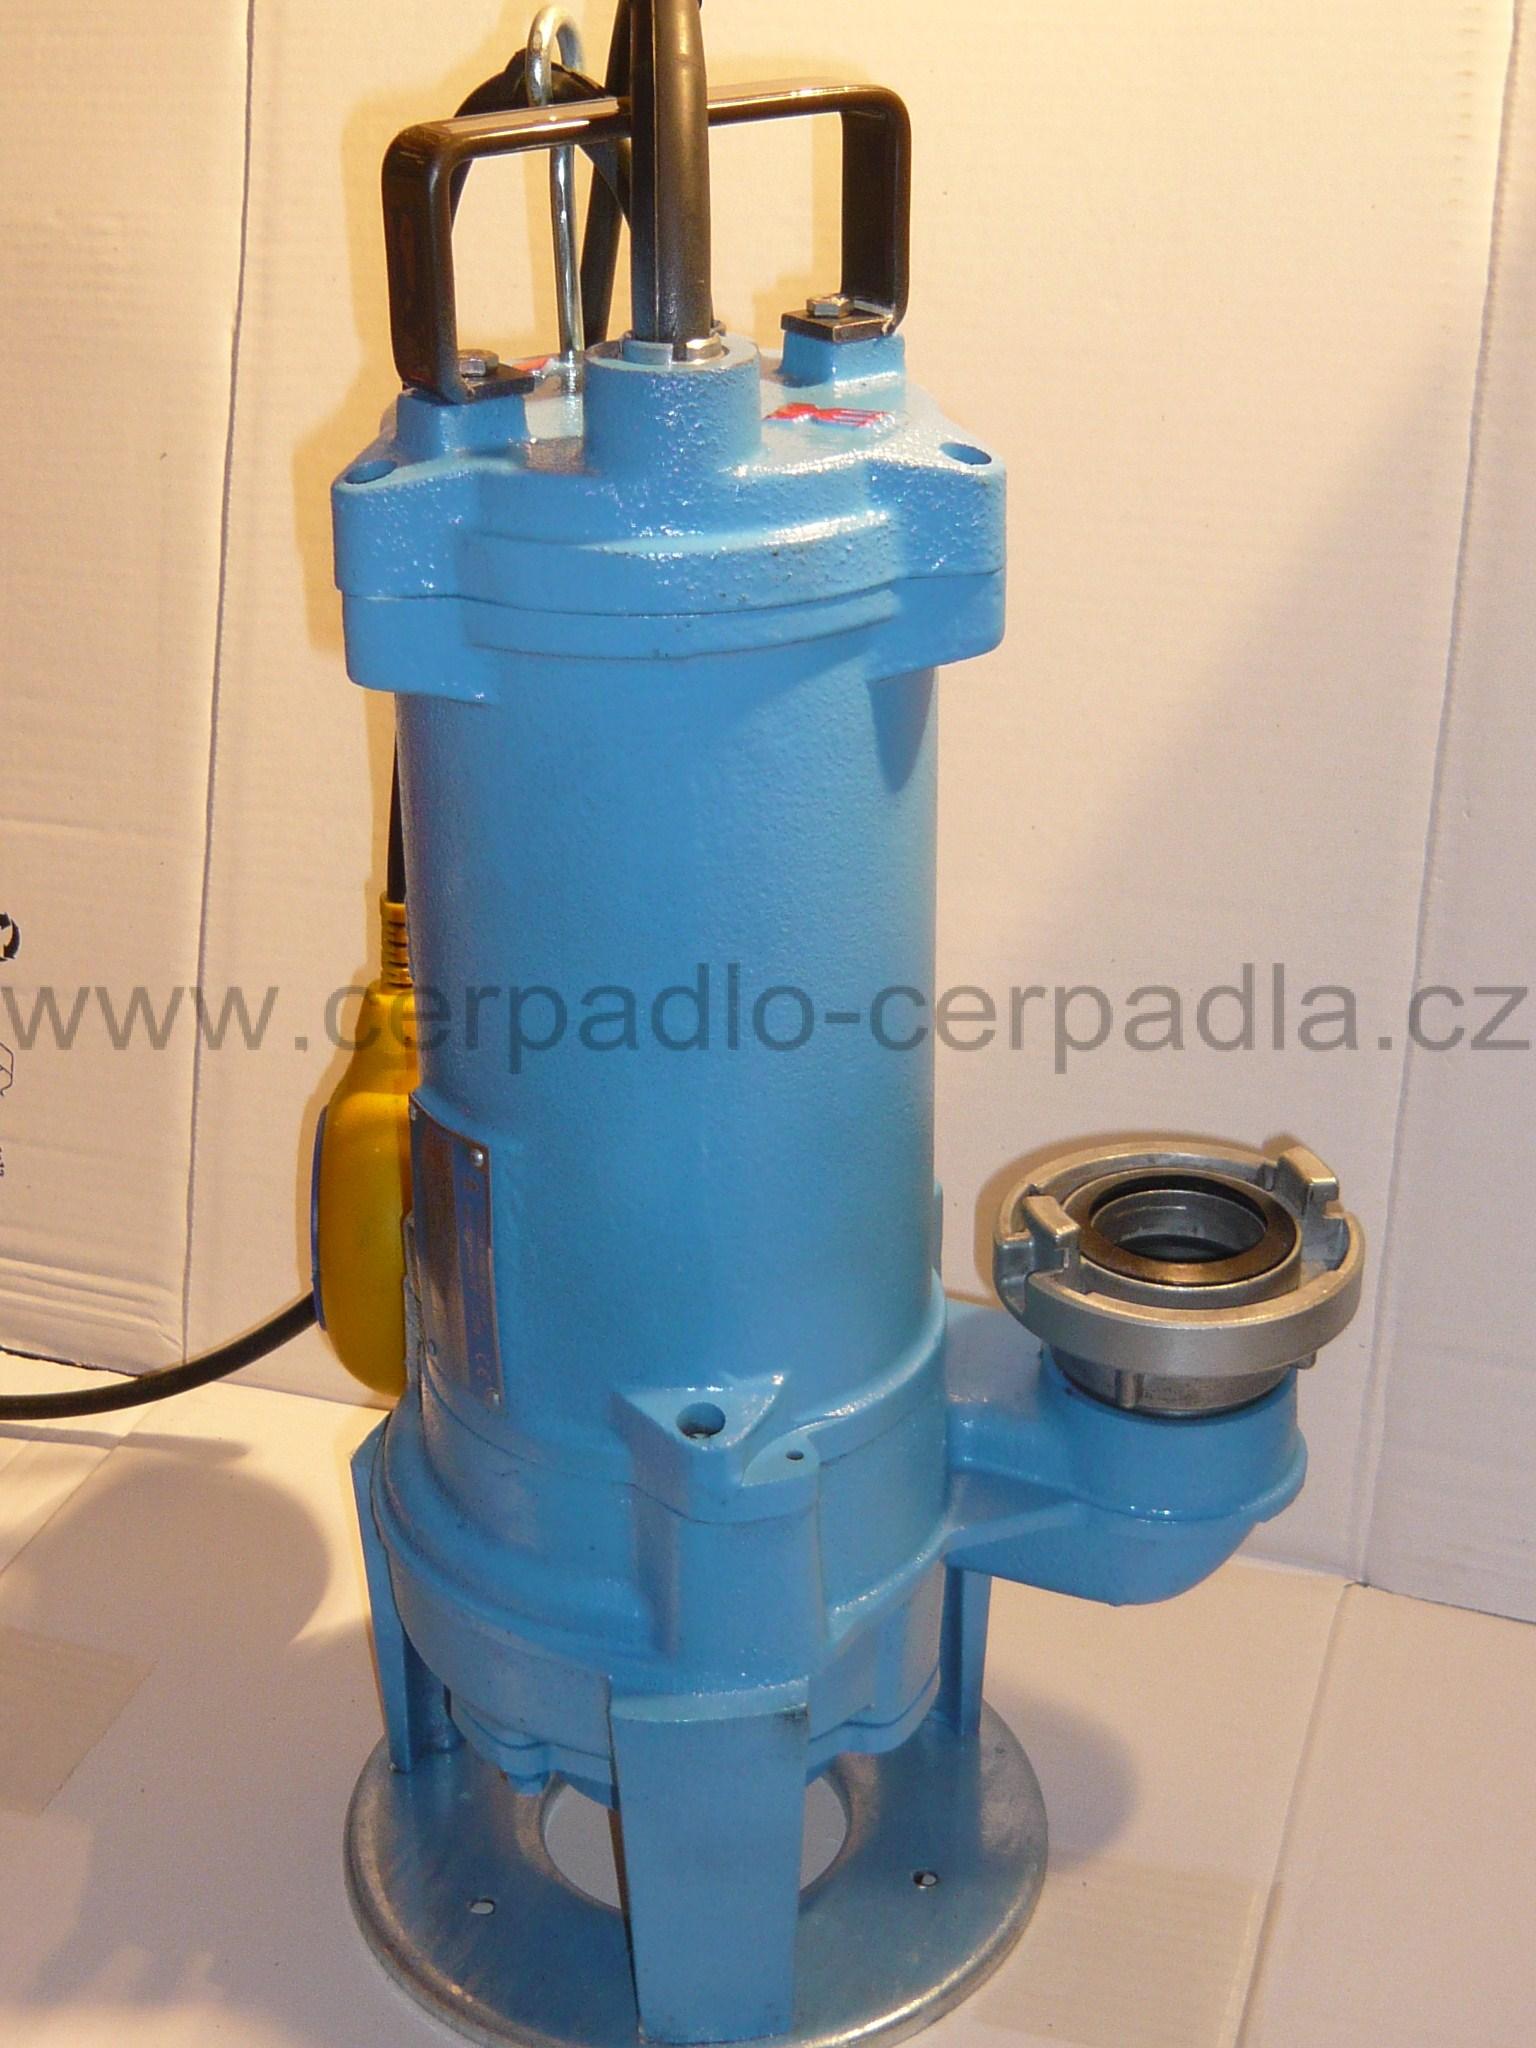 50-GFLU (SZ) 230V s plovákem, SIGMA, kalové čerpadlo, přírubové (SIGMA 50-GFLU (SZ) 230V, kalové čerpadlo, kalová čerpadla, Sigma, GFLU-00002)